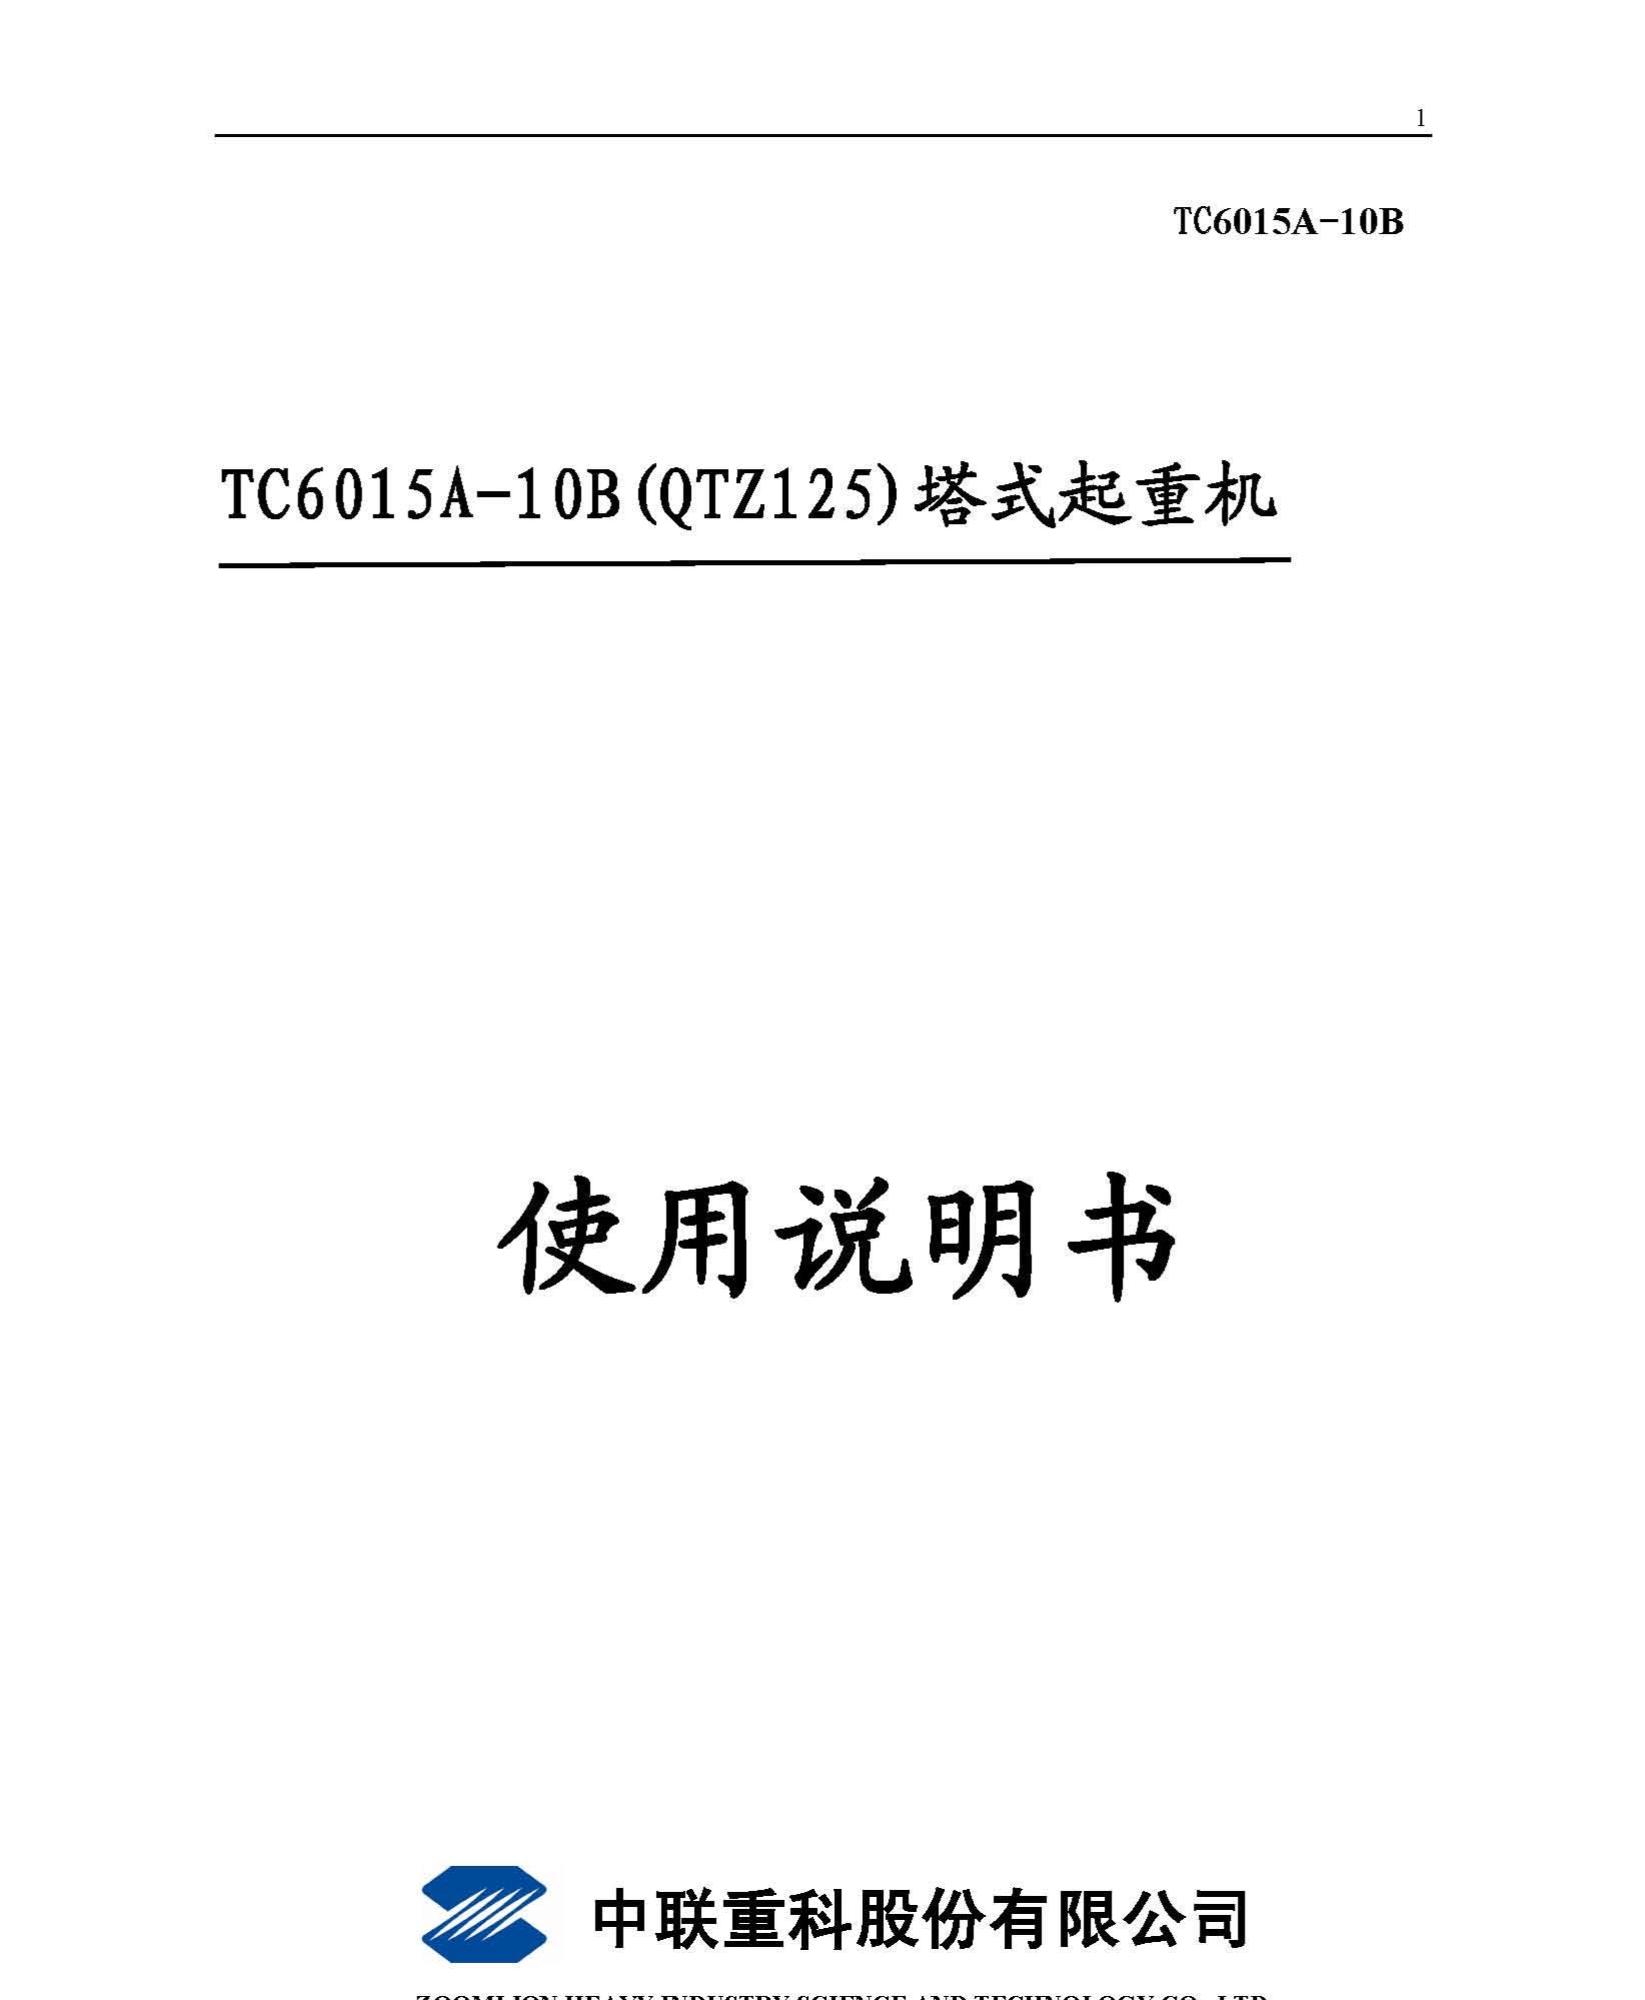 中联重科QTZ125(TC6015A-10B)说明书